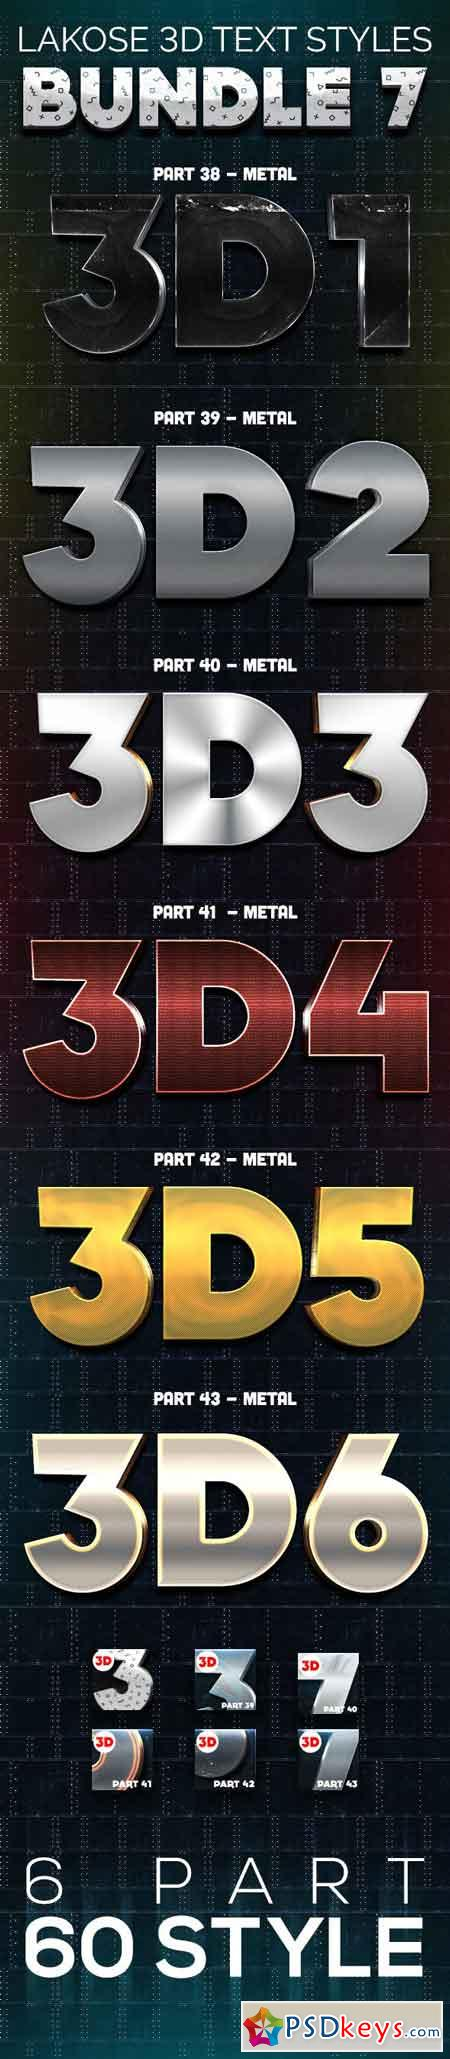 Lakose 3D Text Styles Bundle 7 23105049